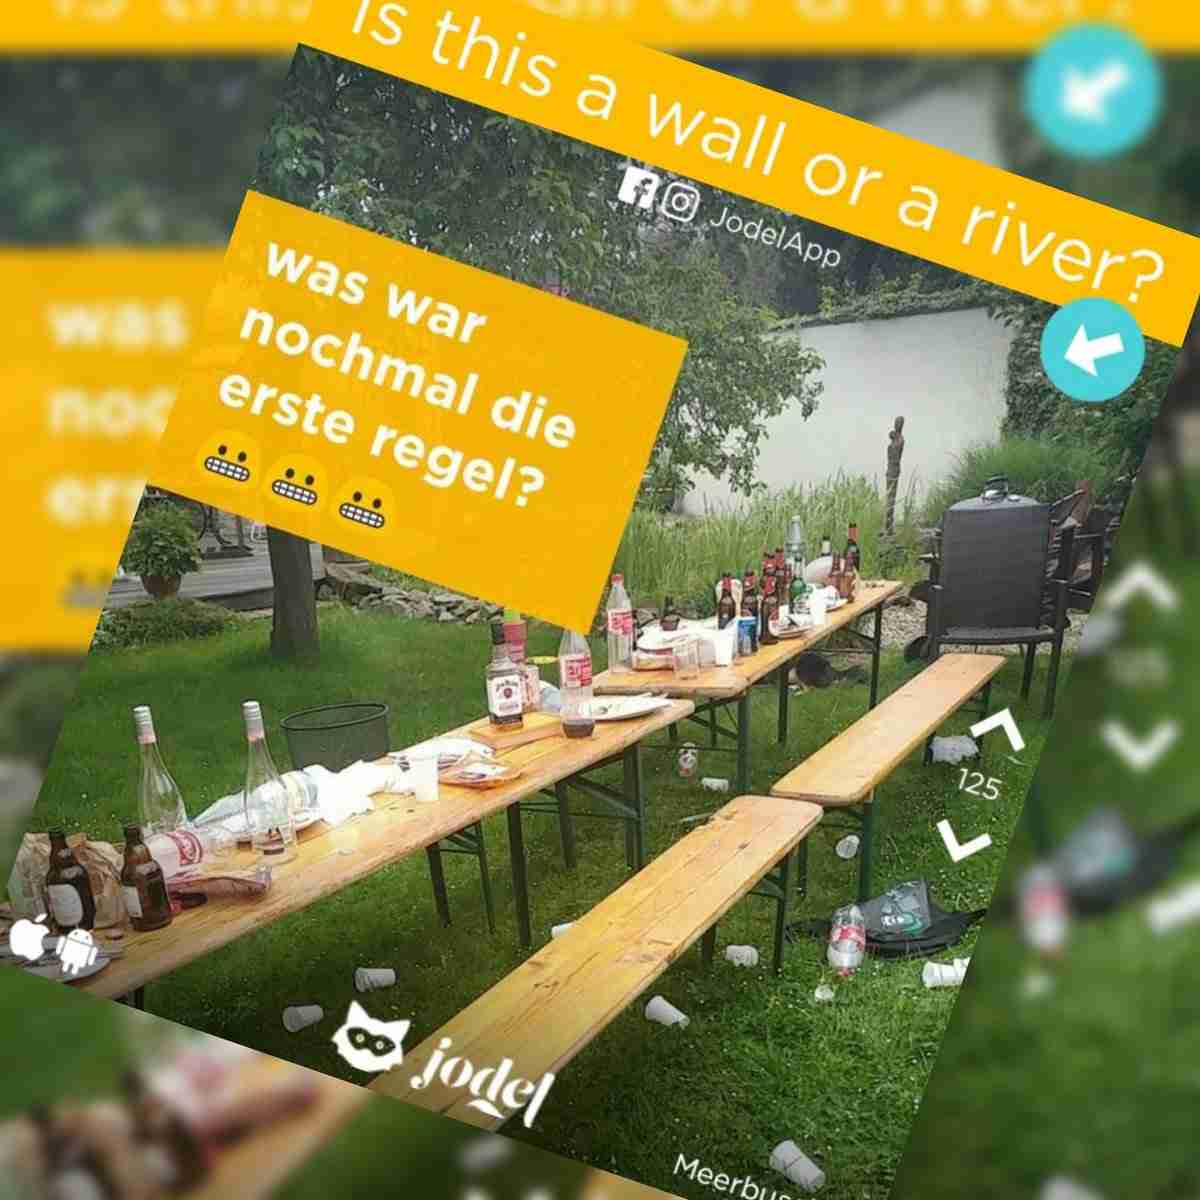 【目の錯覚】これって「壁」?それとも「川」?ある写真の背景にネット上の意見わかれる